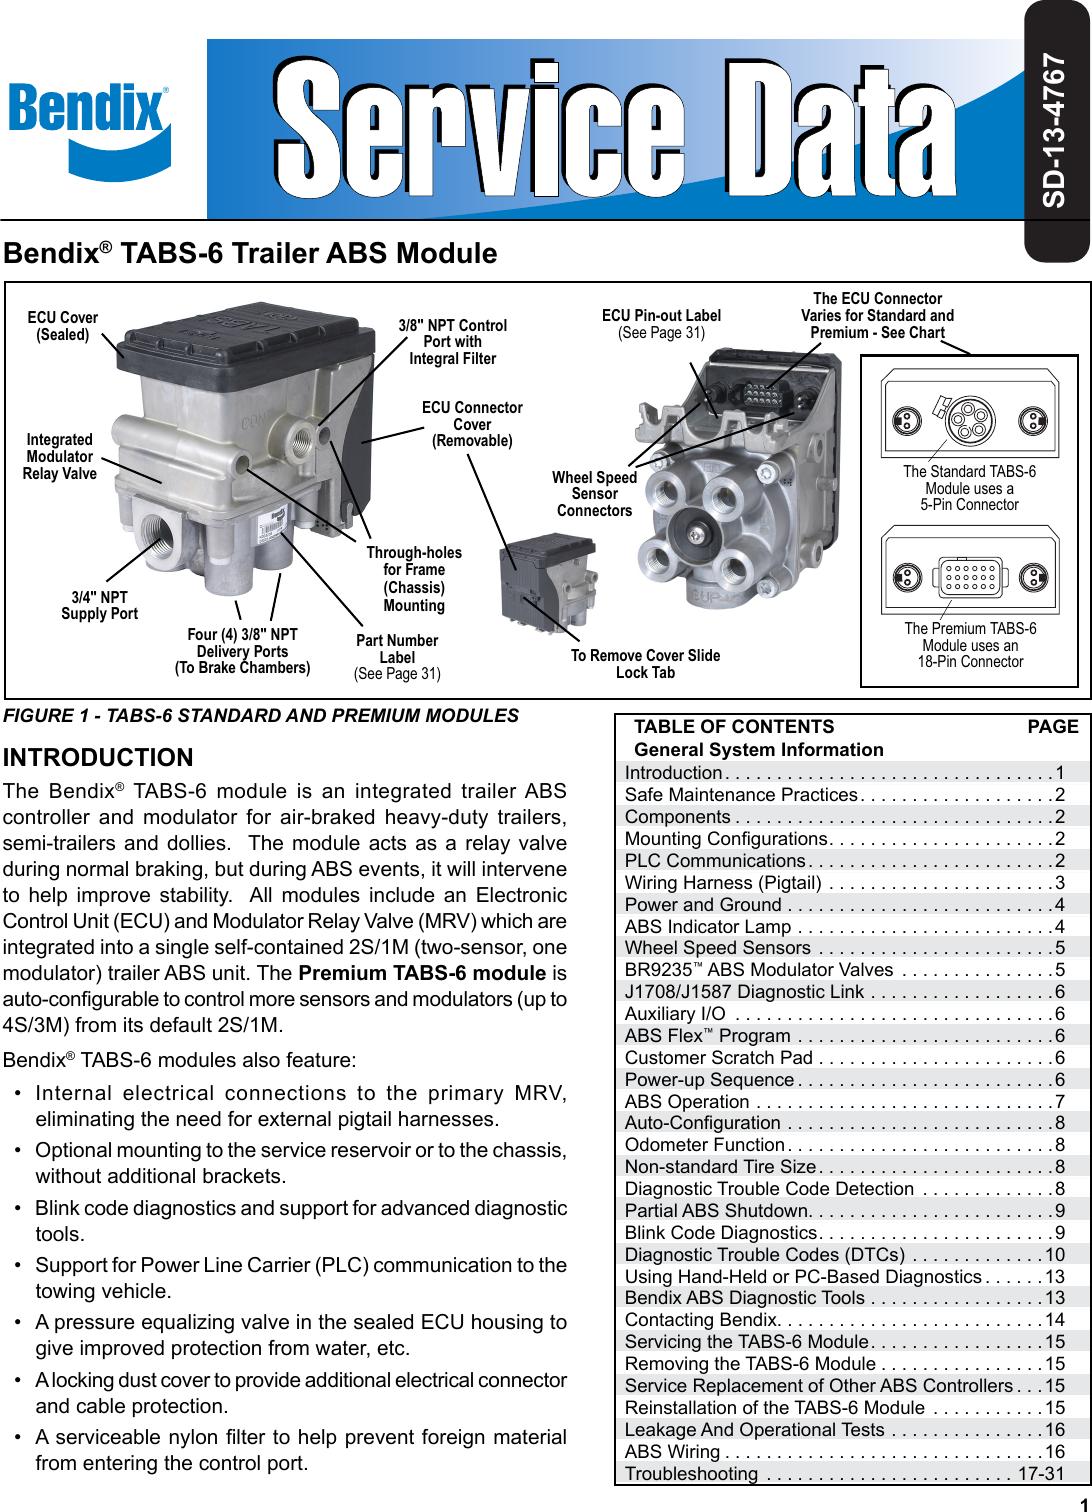 bendix abs diagnostic tool